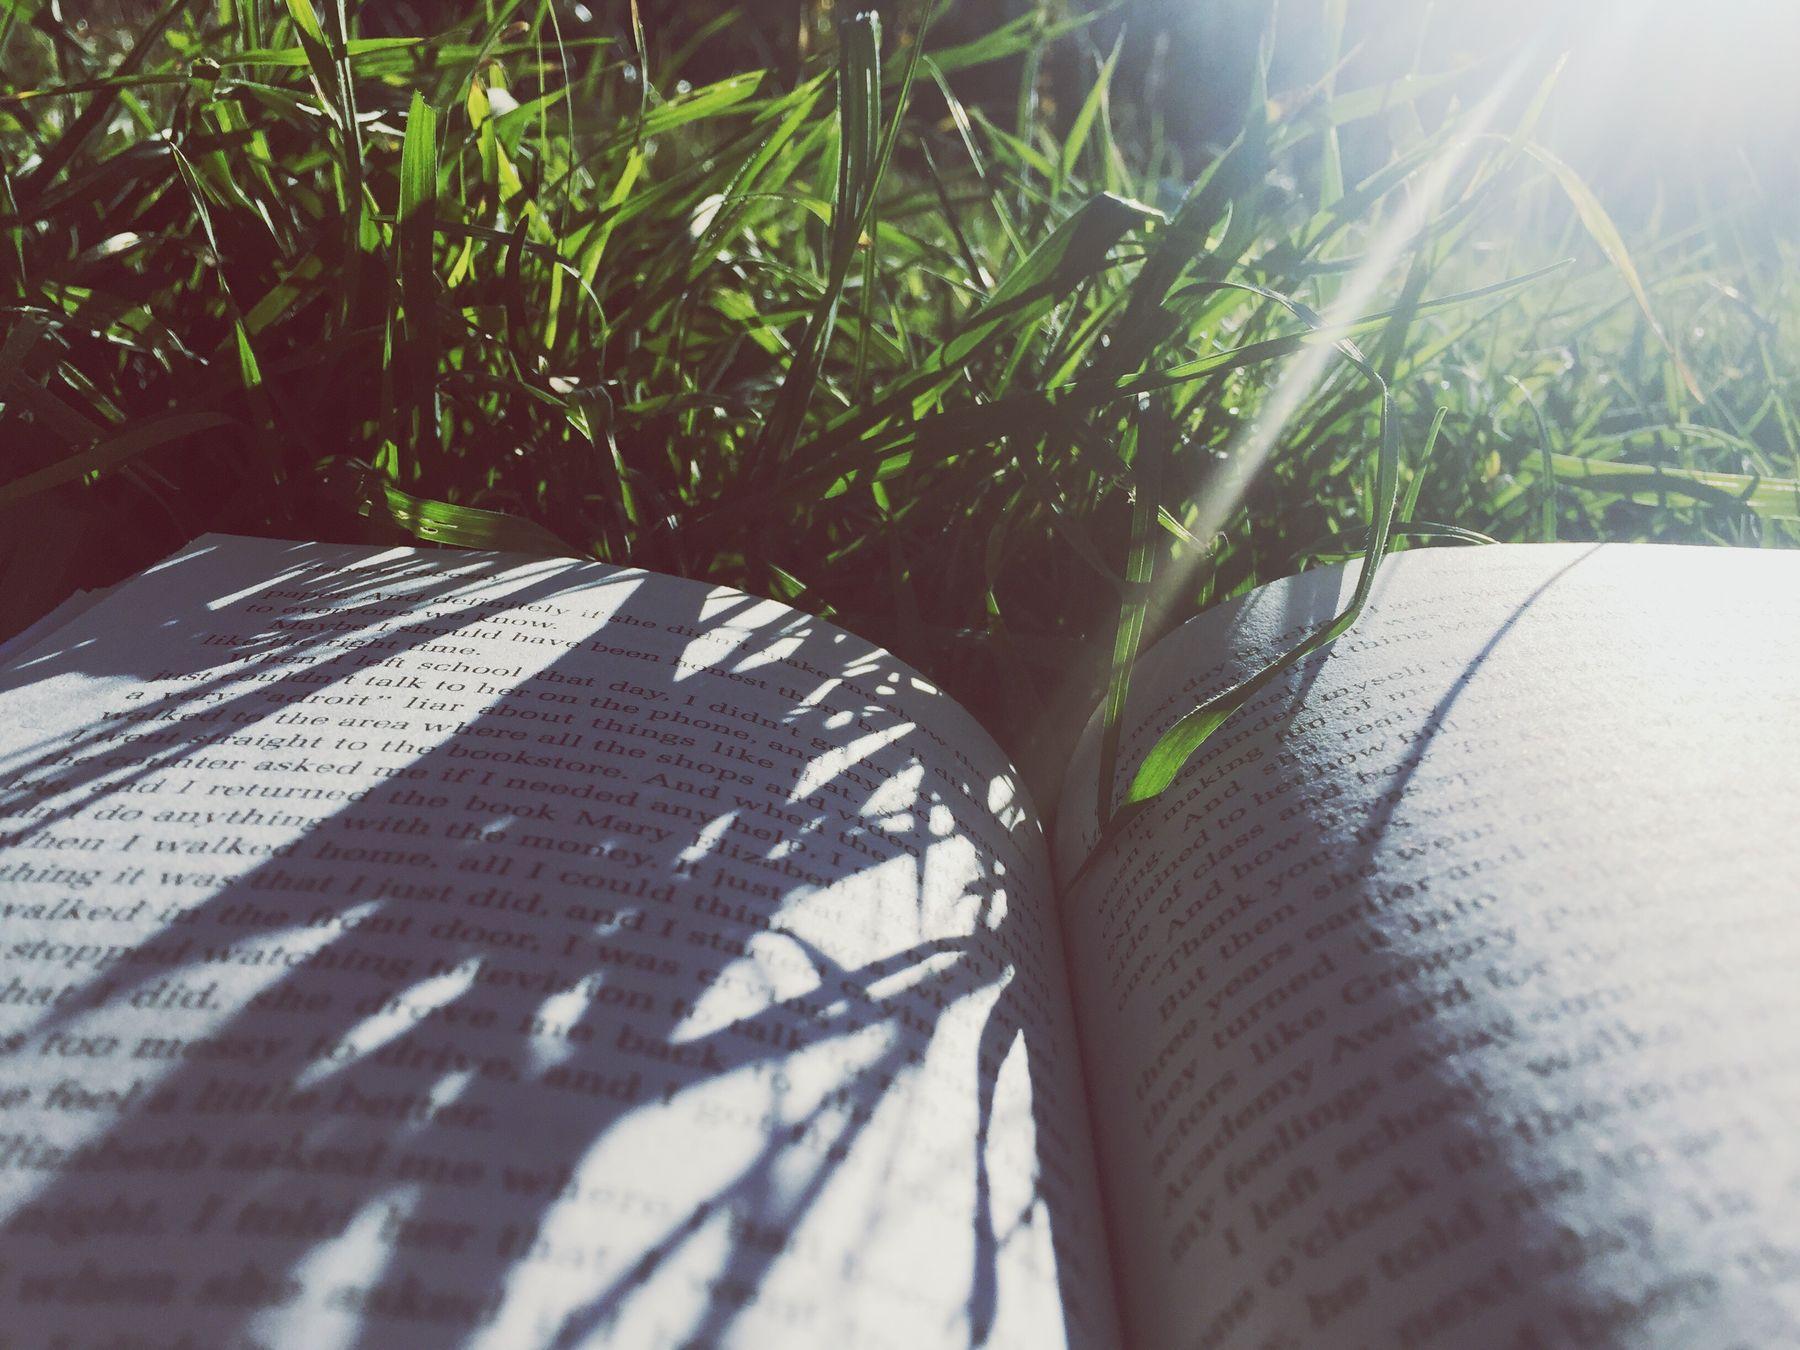 Sun Flare Sun Outdoors Book Bookworm The Perks Of Being A Wallflower Good Book Green Green Grass Shadows